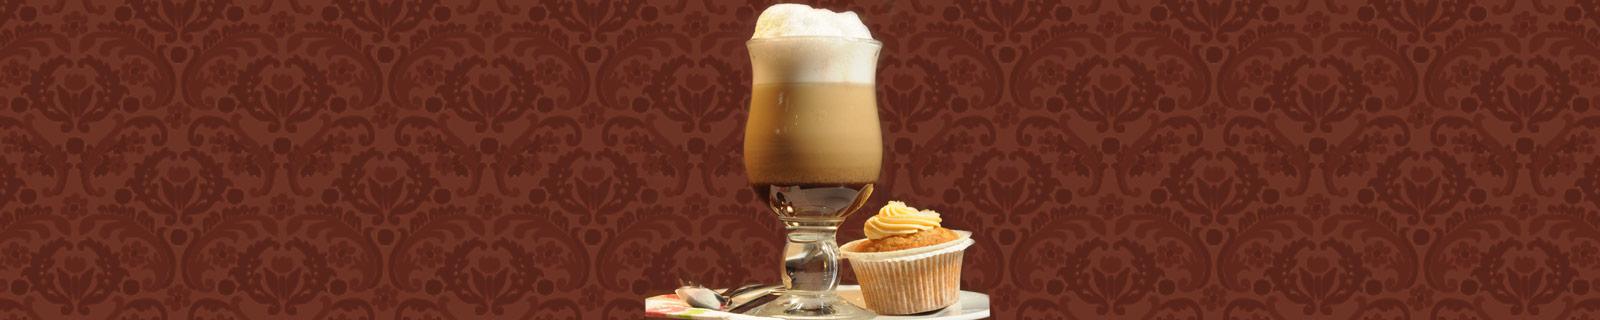 لیوان کافی گز و قهوه